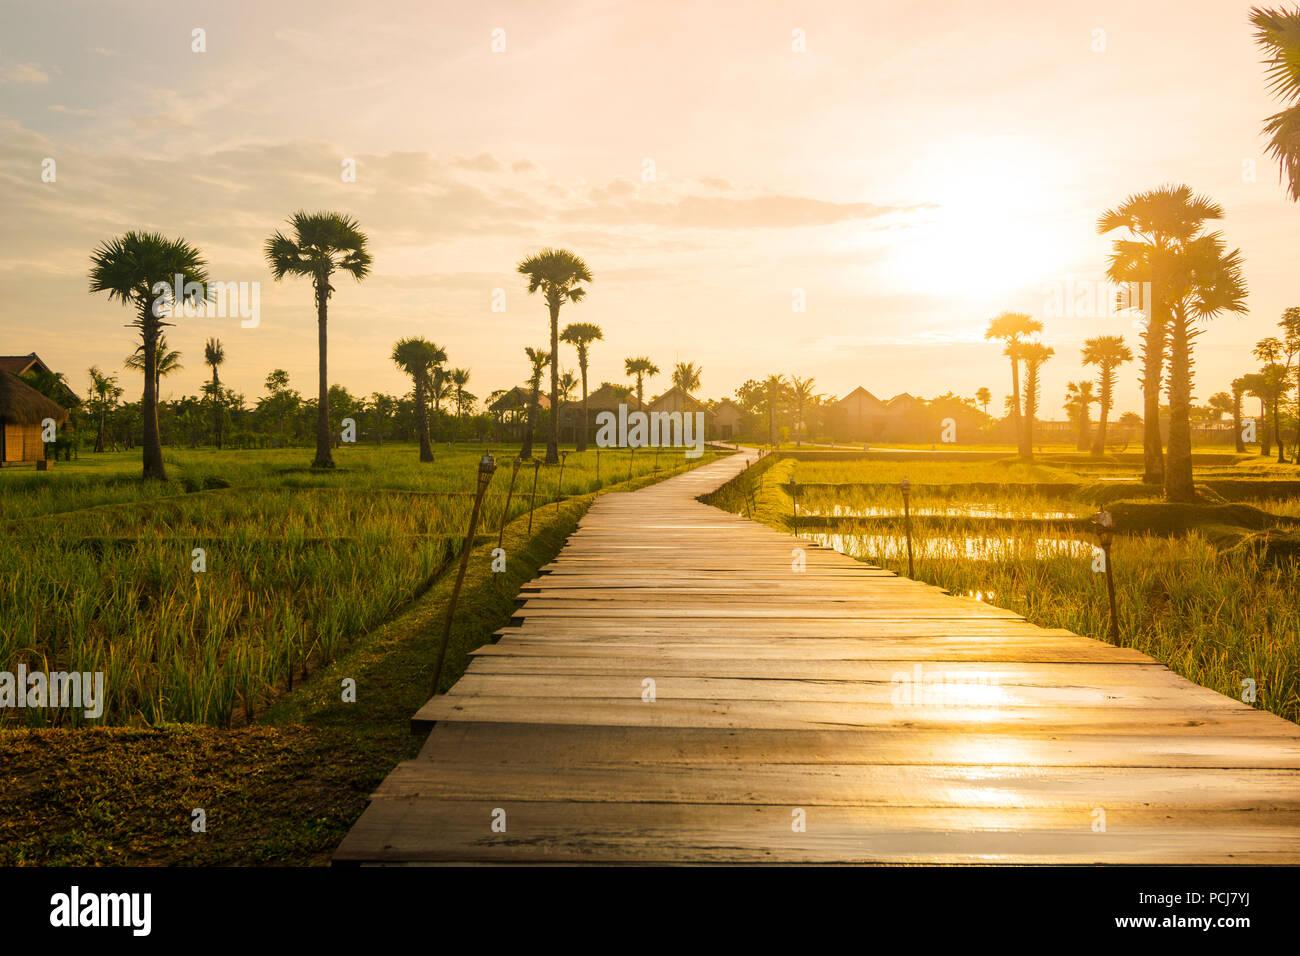 Deck de madera puente Causeway corriendo a través del campo de césped y plantación de palmeras en Siem Reap (Angkor), Camboya. Imagen De Stock